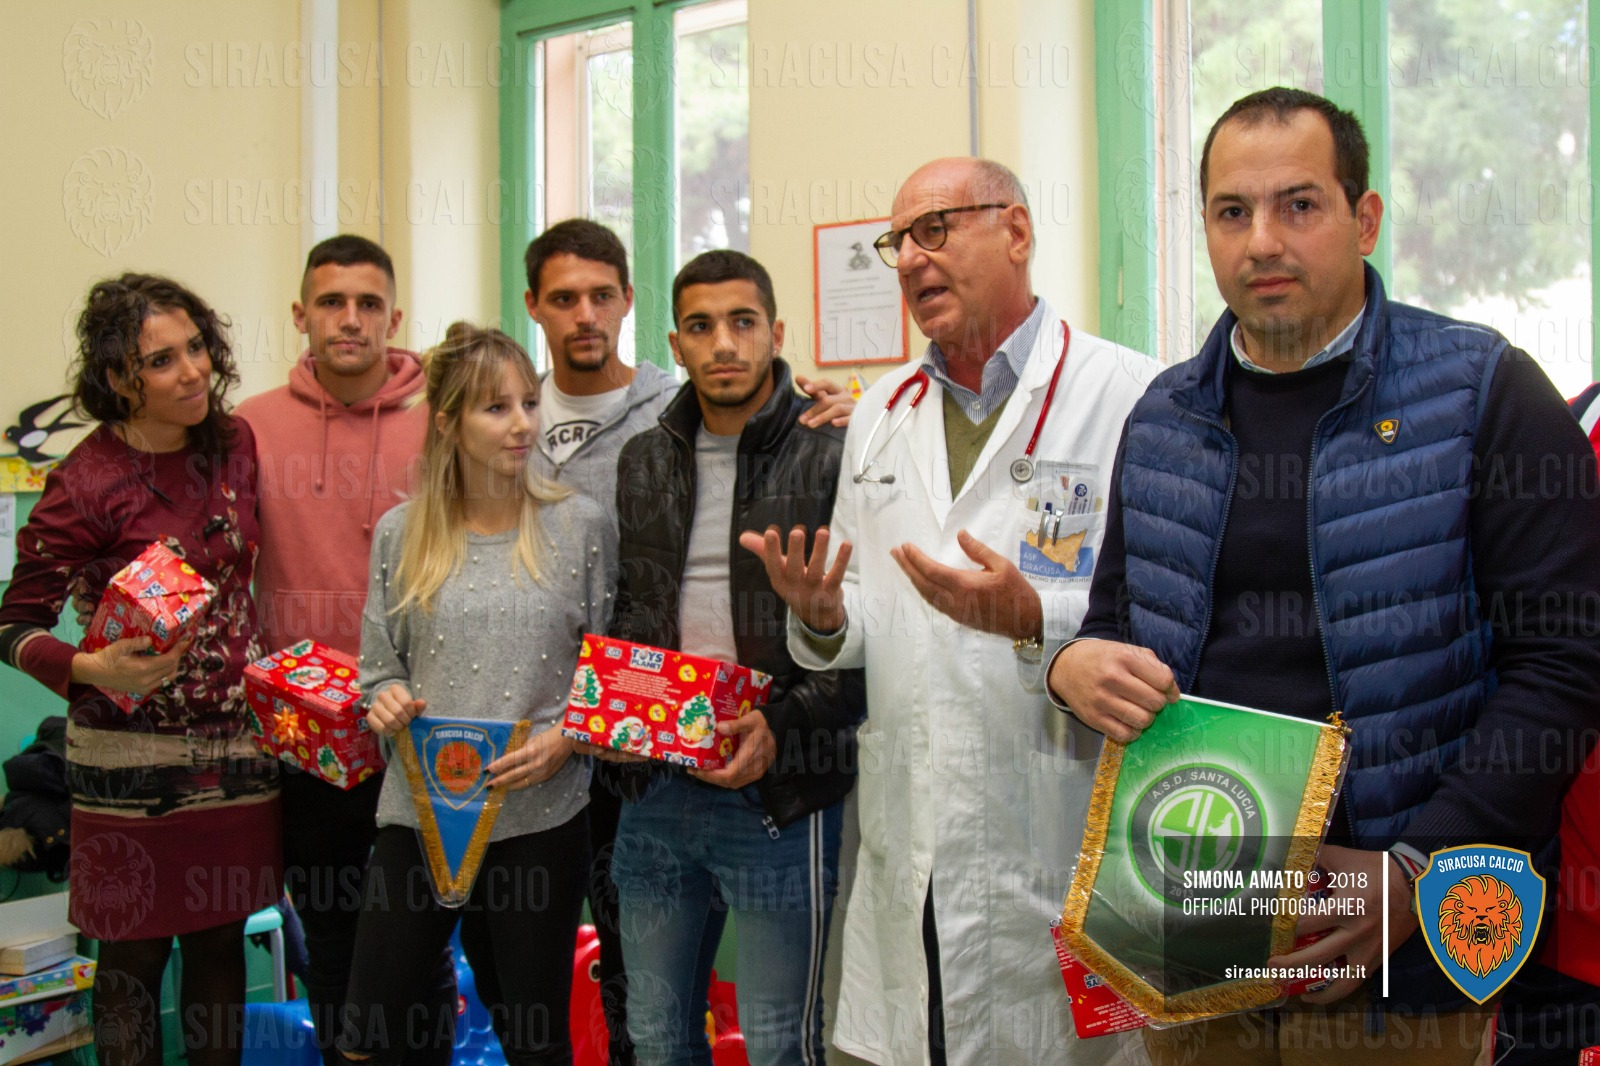 Delegazione del Siracusa Calcio in visita al reparto di Pediatria dell'Umberto I